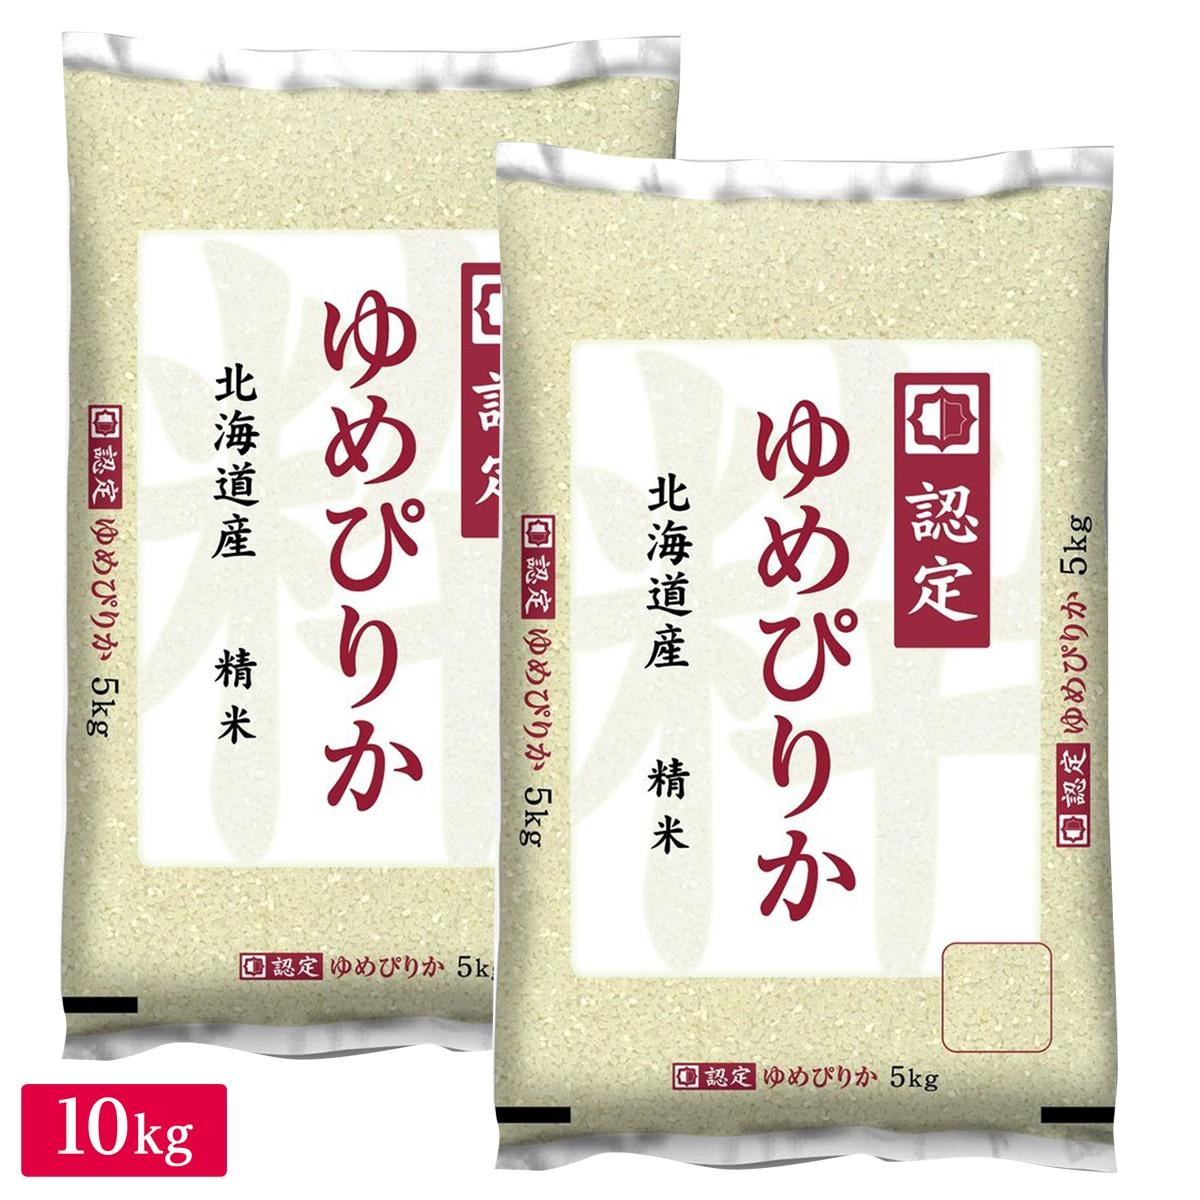 ■令和2年産 北海道産 特A ゆめぴりか 10kg(5kg×2袋)